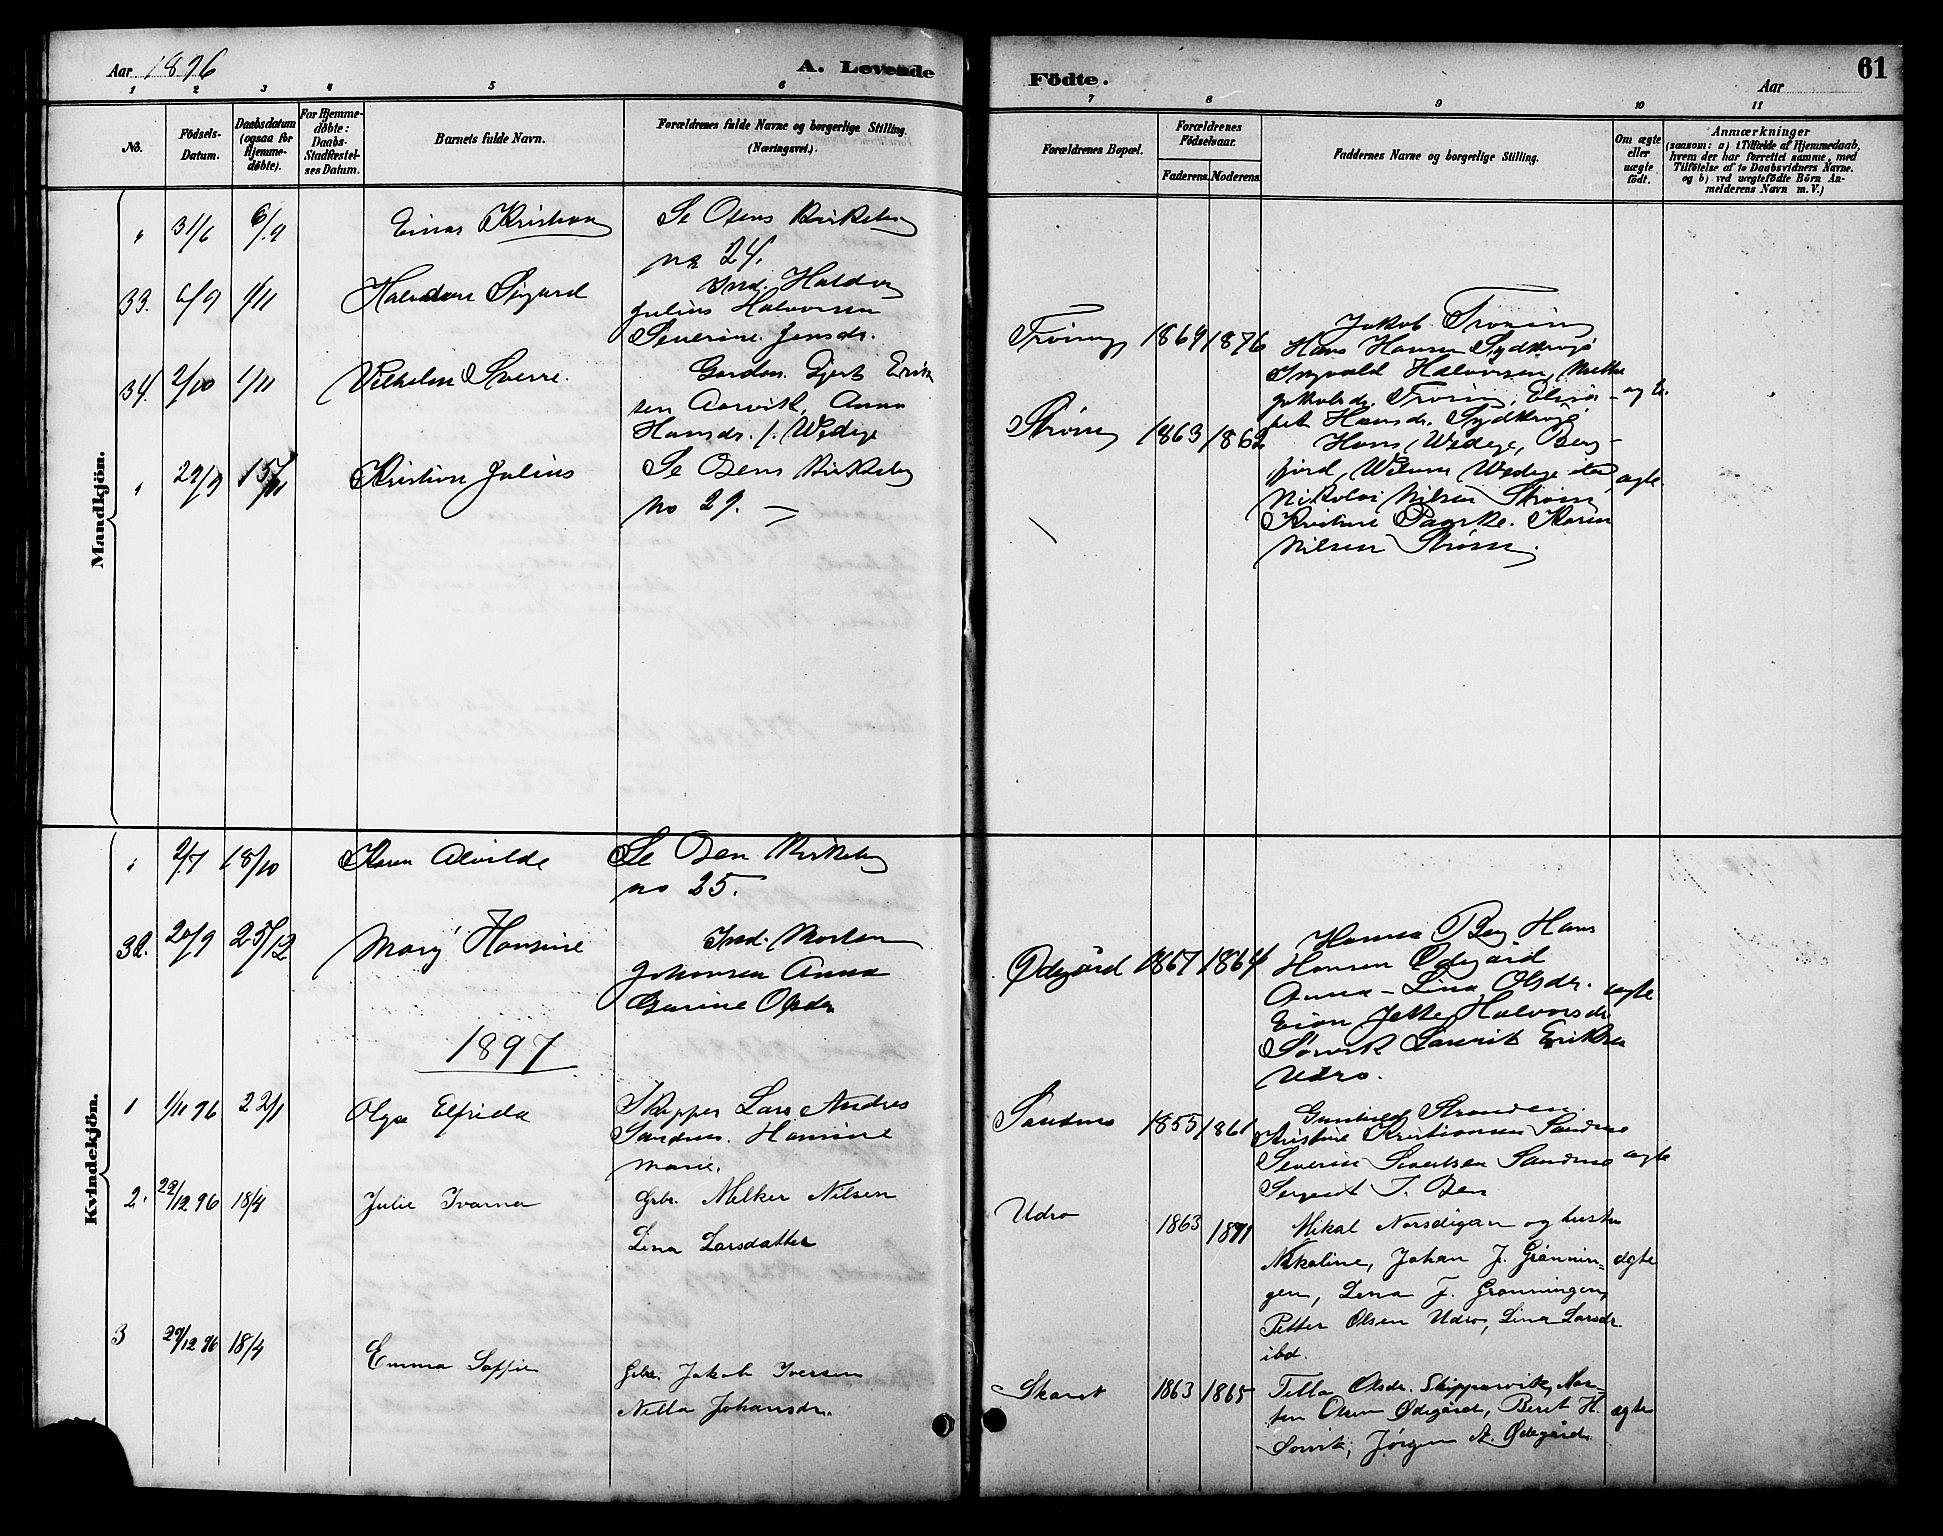 SAT, Ministerialprotokoller, klokkerbøker og fødselsregistre - Sør-Trøndelag, 657/L0716: Klokkerbok nr. 657C03, 1889-1904, s. 61